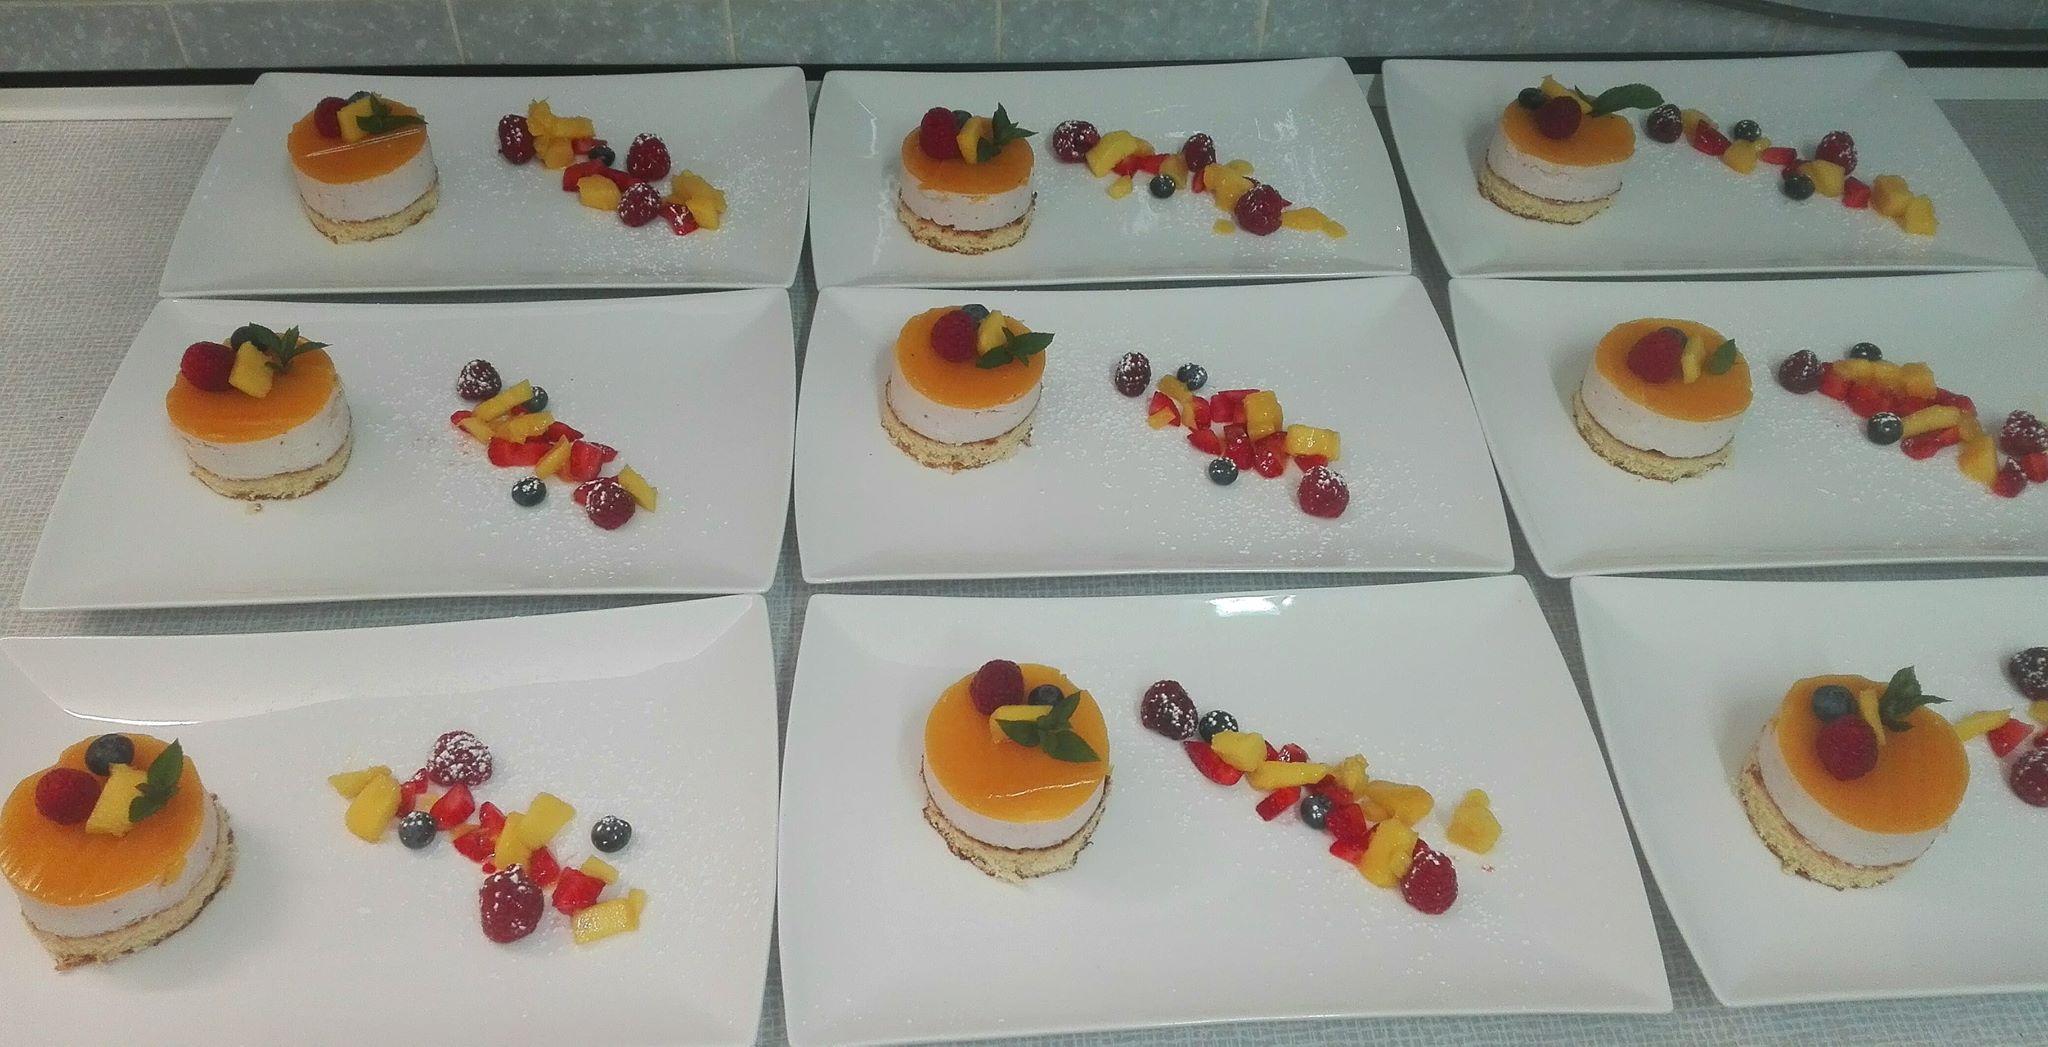 Erdbeercremetoertchen mit Mangospiegel und Maracujakern.jpg